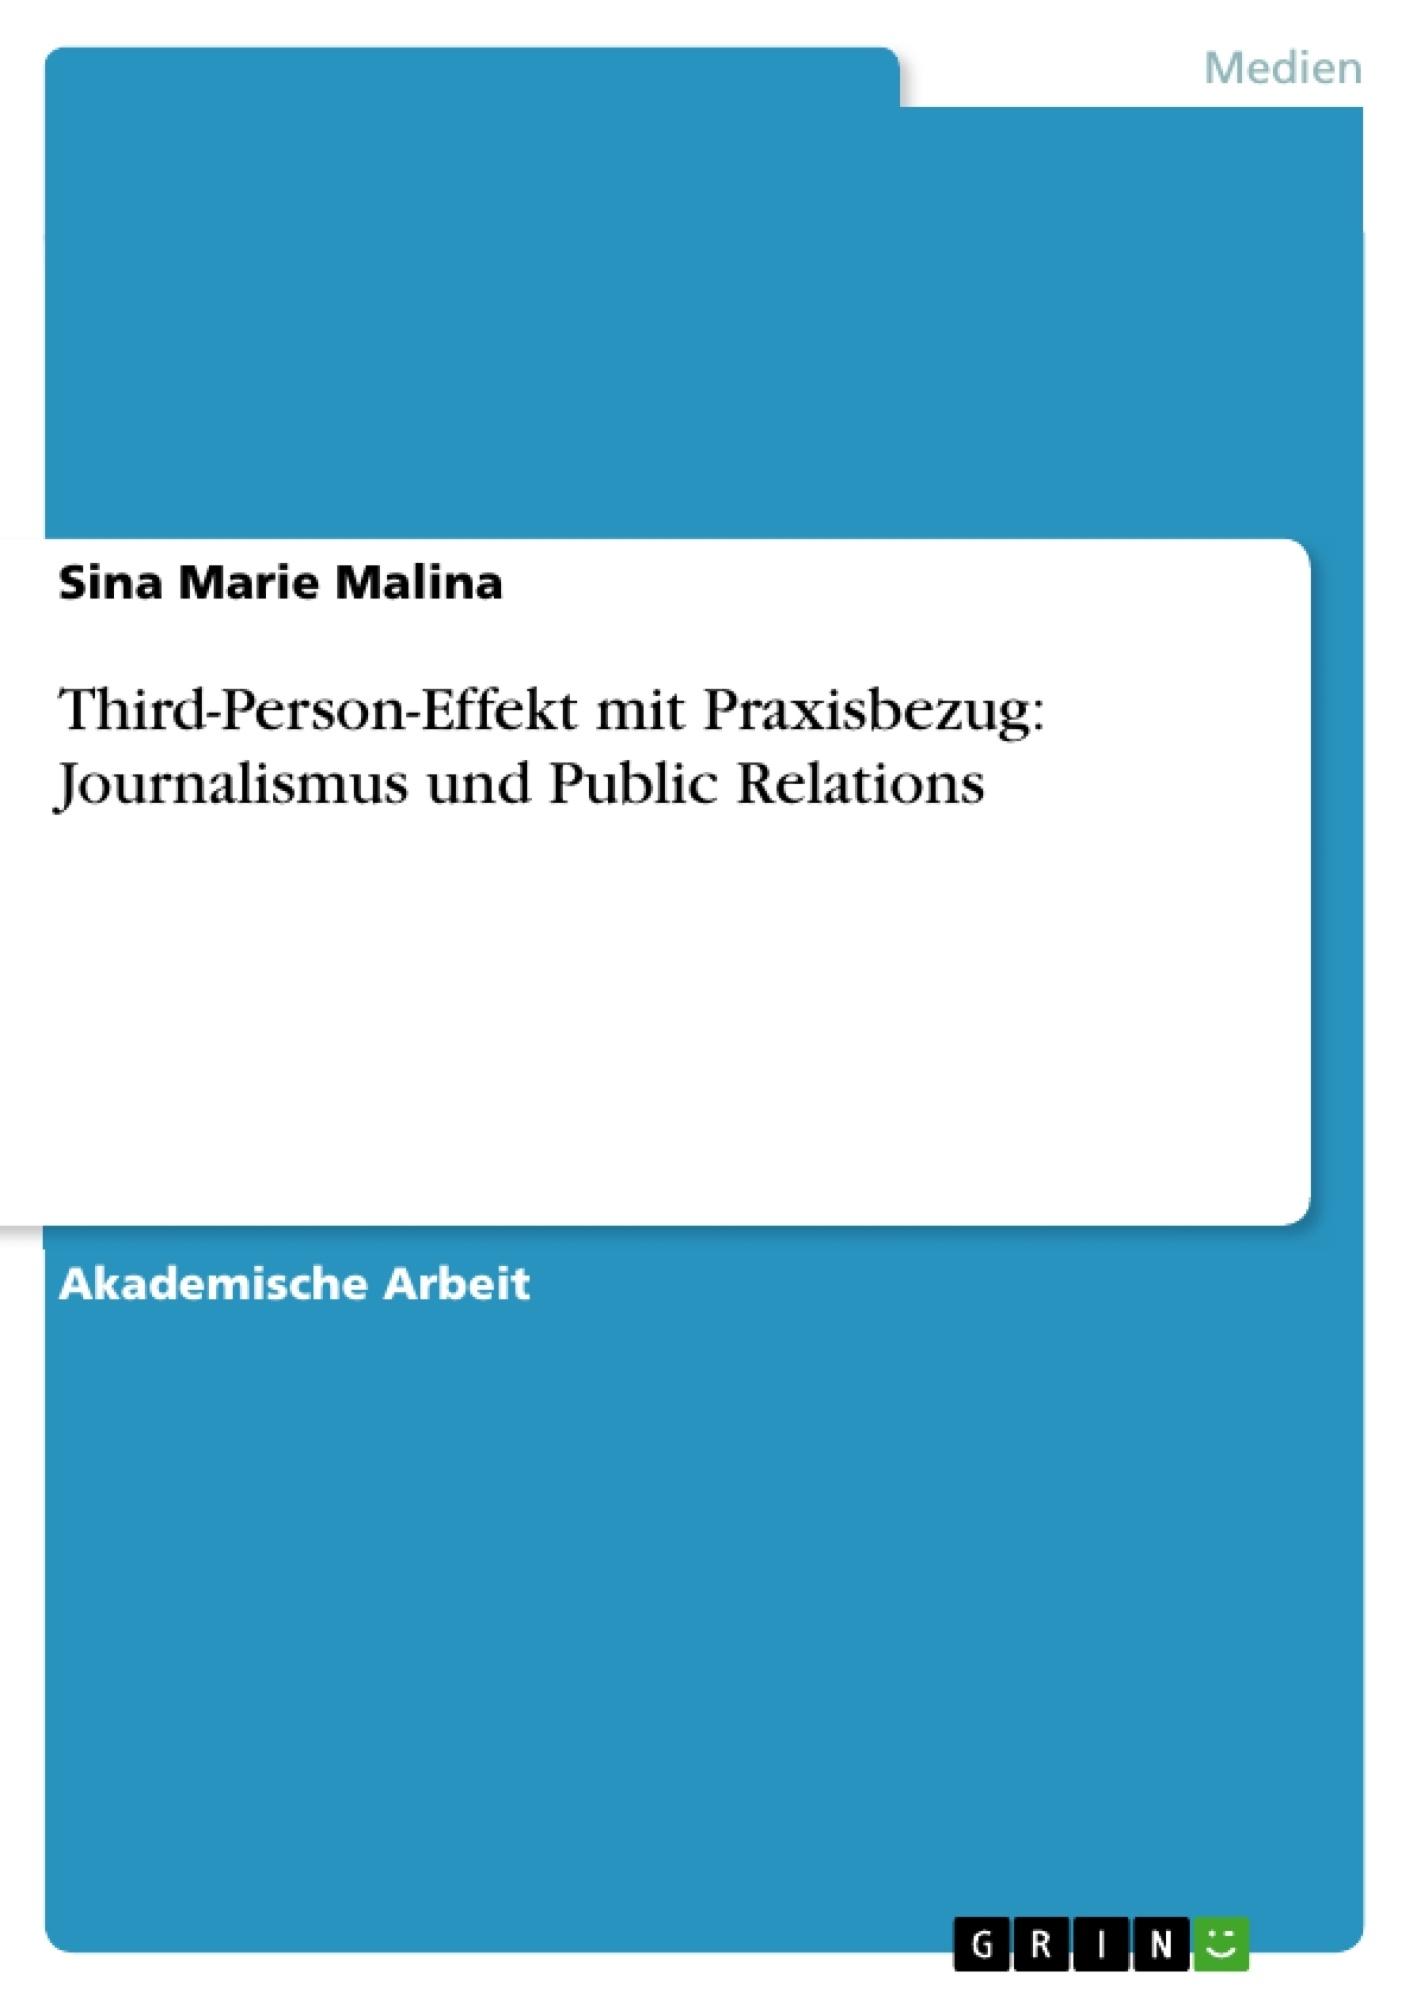 Titel: Third-Person-Effekt mit Praxisbezug: Journalismus und Public Relations